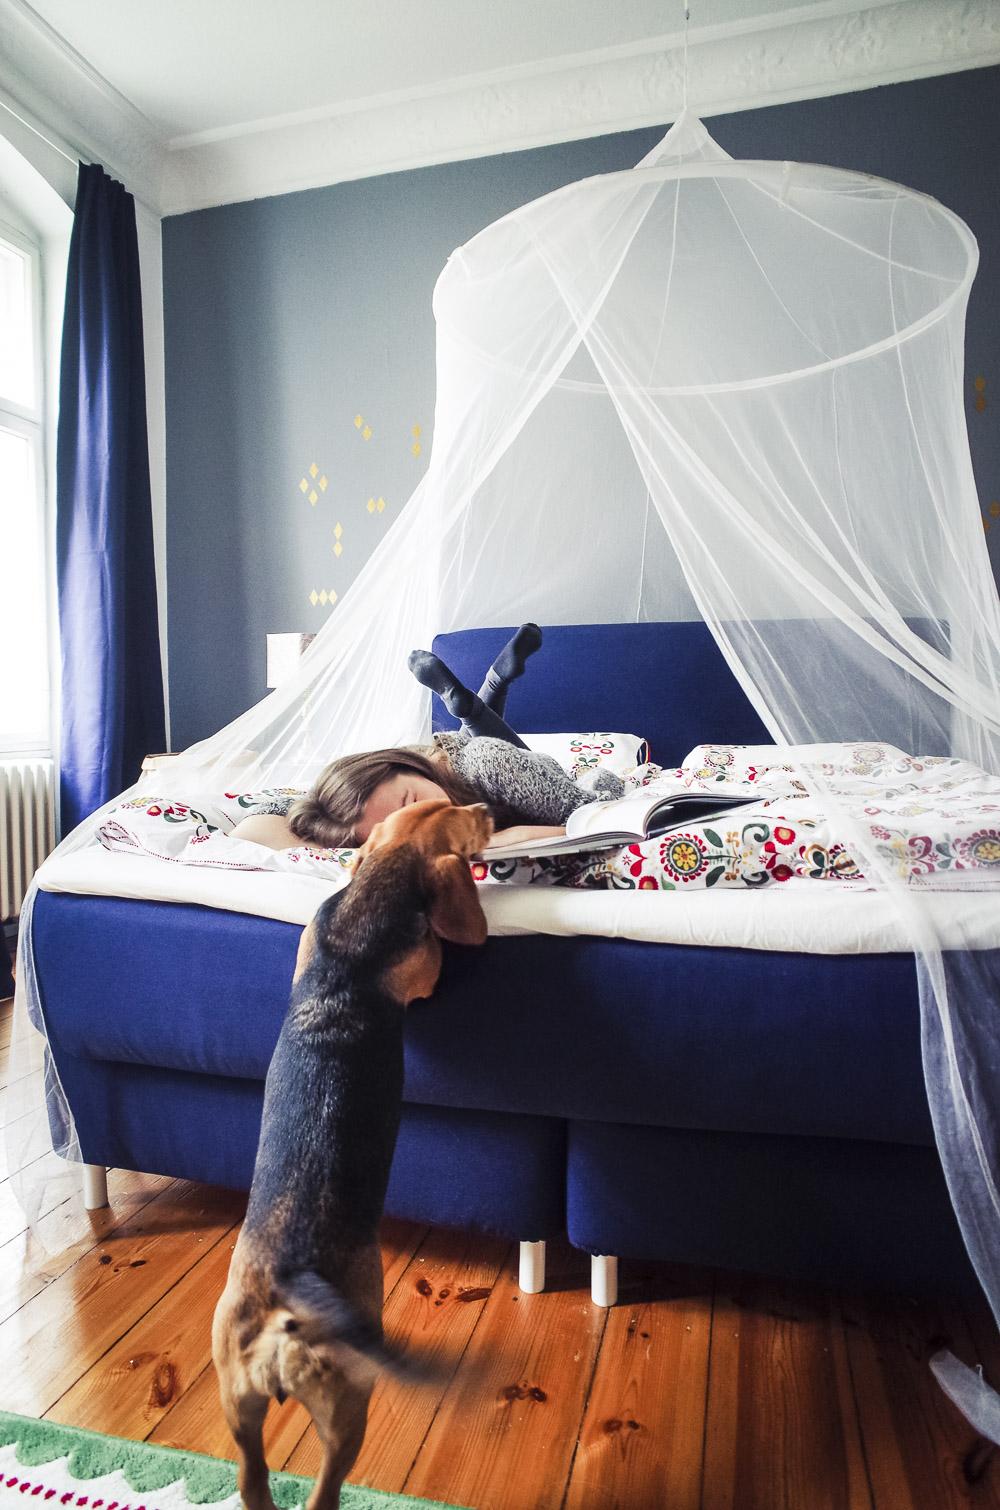 dunkelblaues schlafzimmer ikea schlafzimmer prospekt bettw sche wintermotiv wandfarbe schlamm. Black Bedroom Furniture Sets. Home Design Ideas